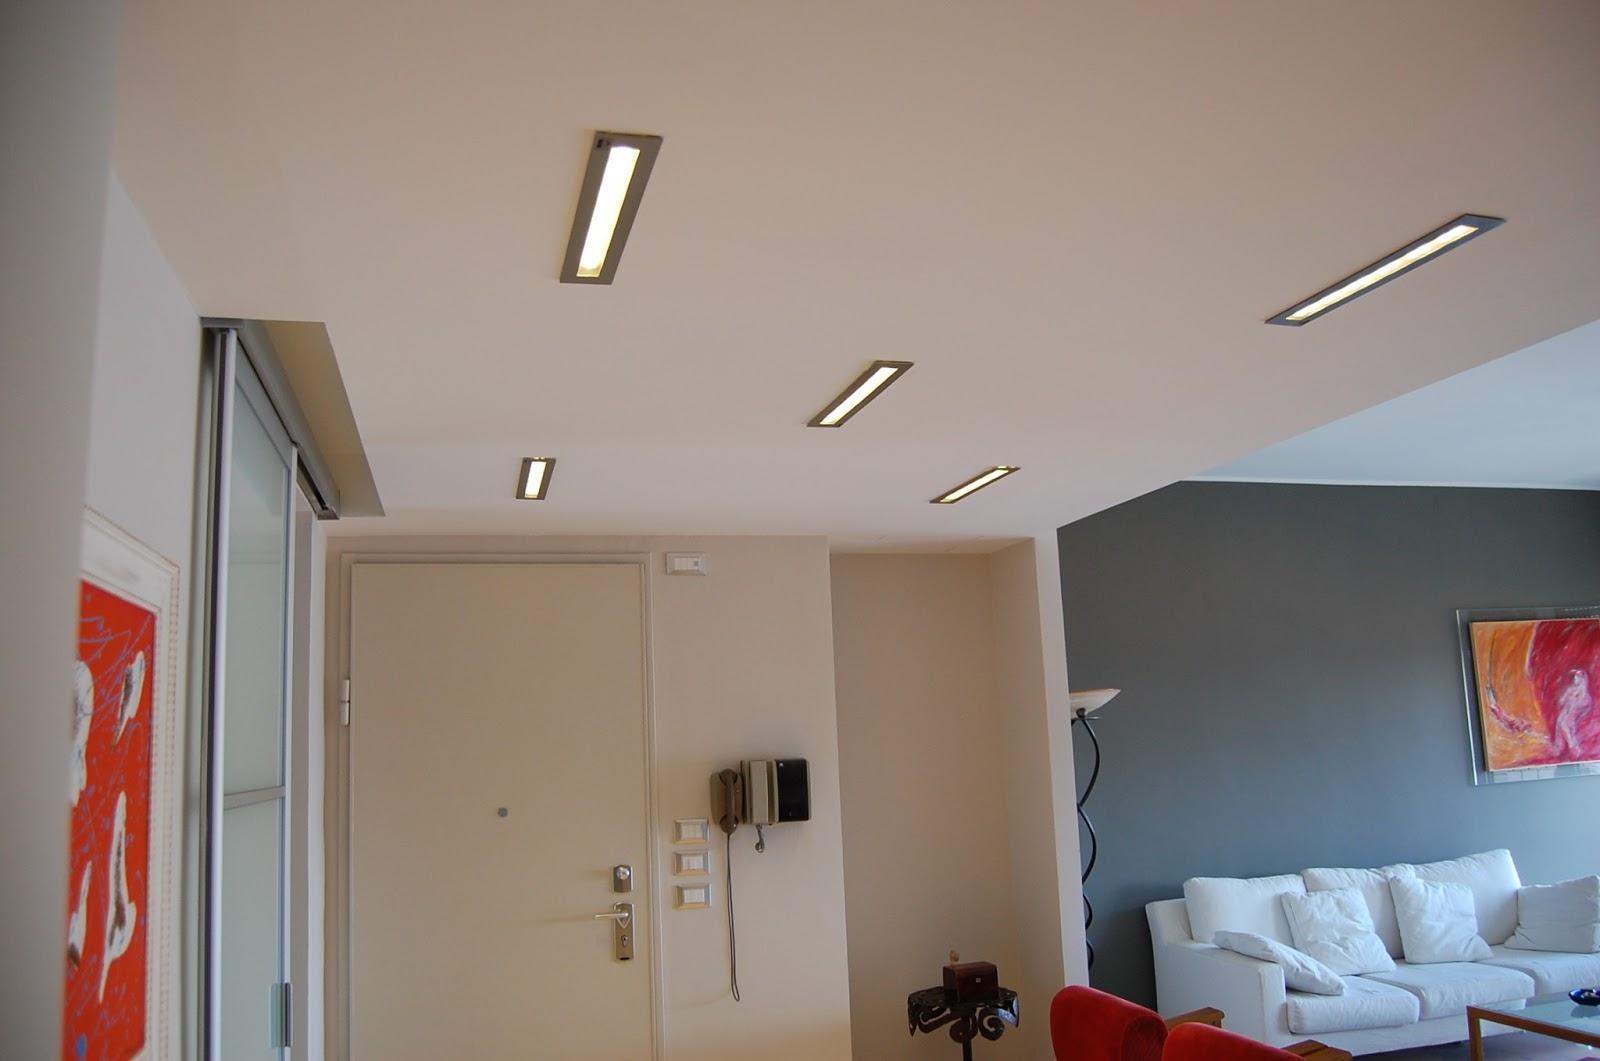 Illuminazione Led casa: Appartamento - Progetto illuminotecnico Led ...